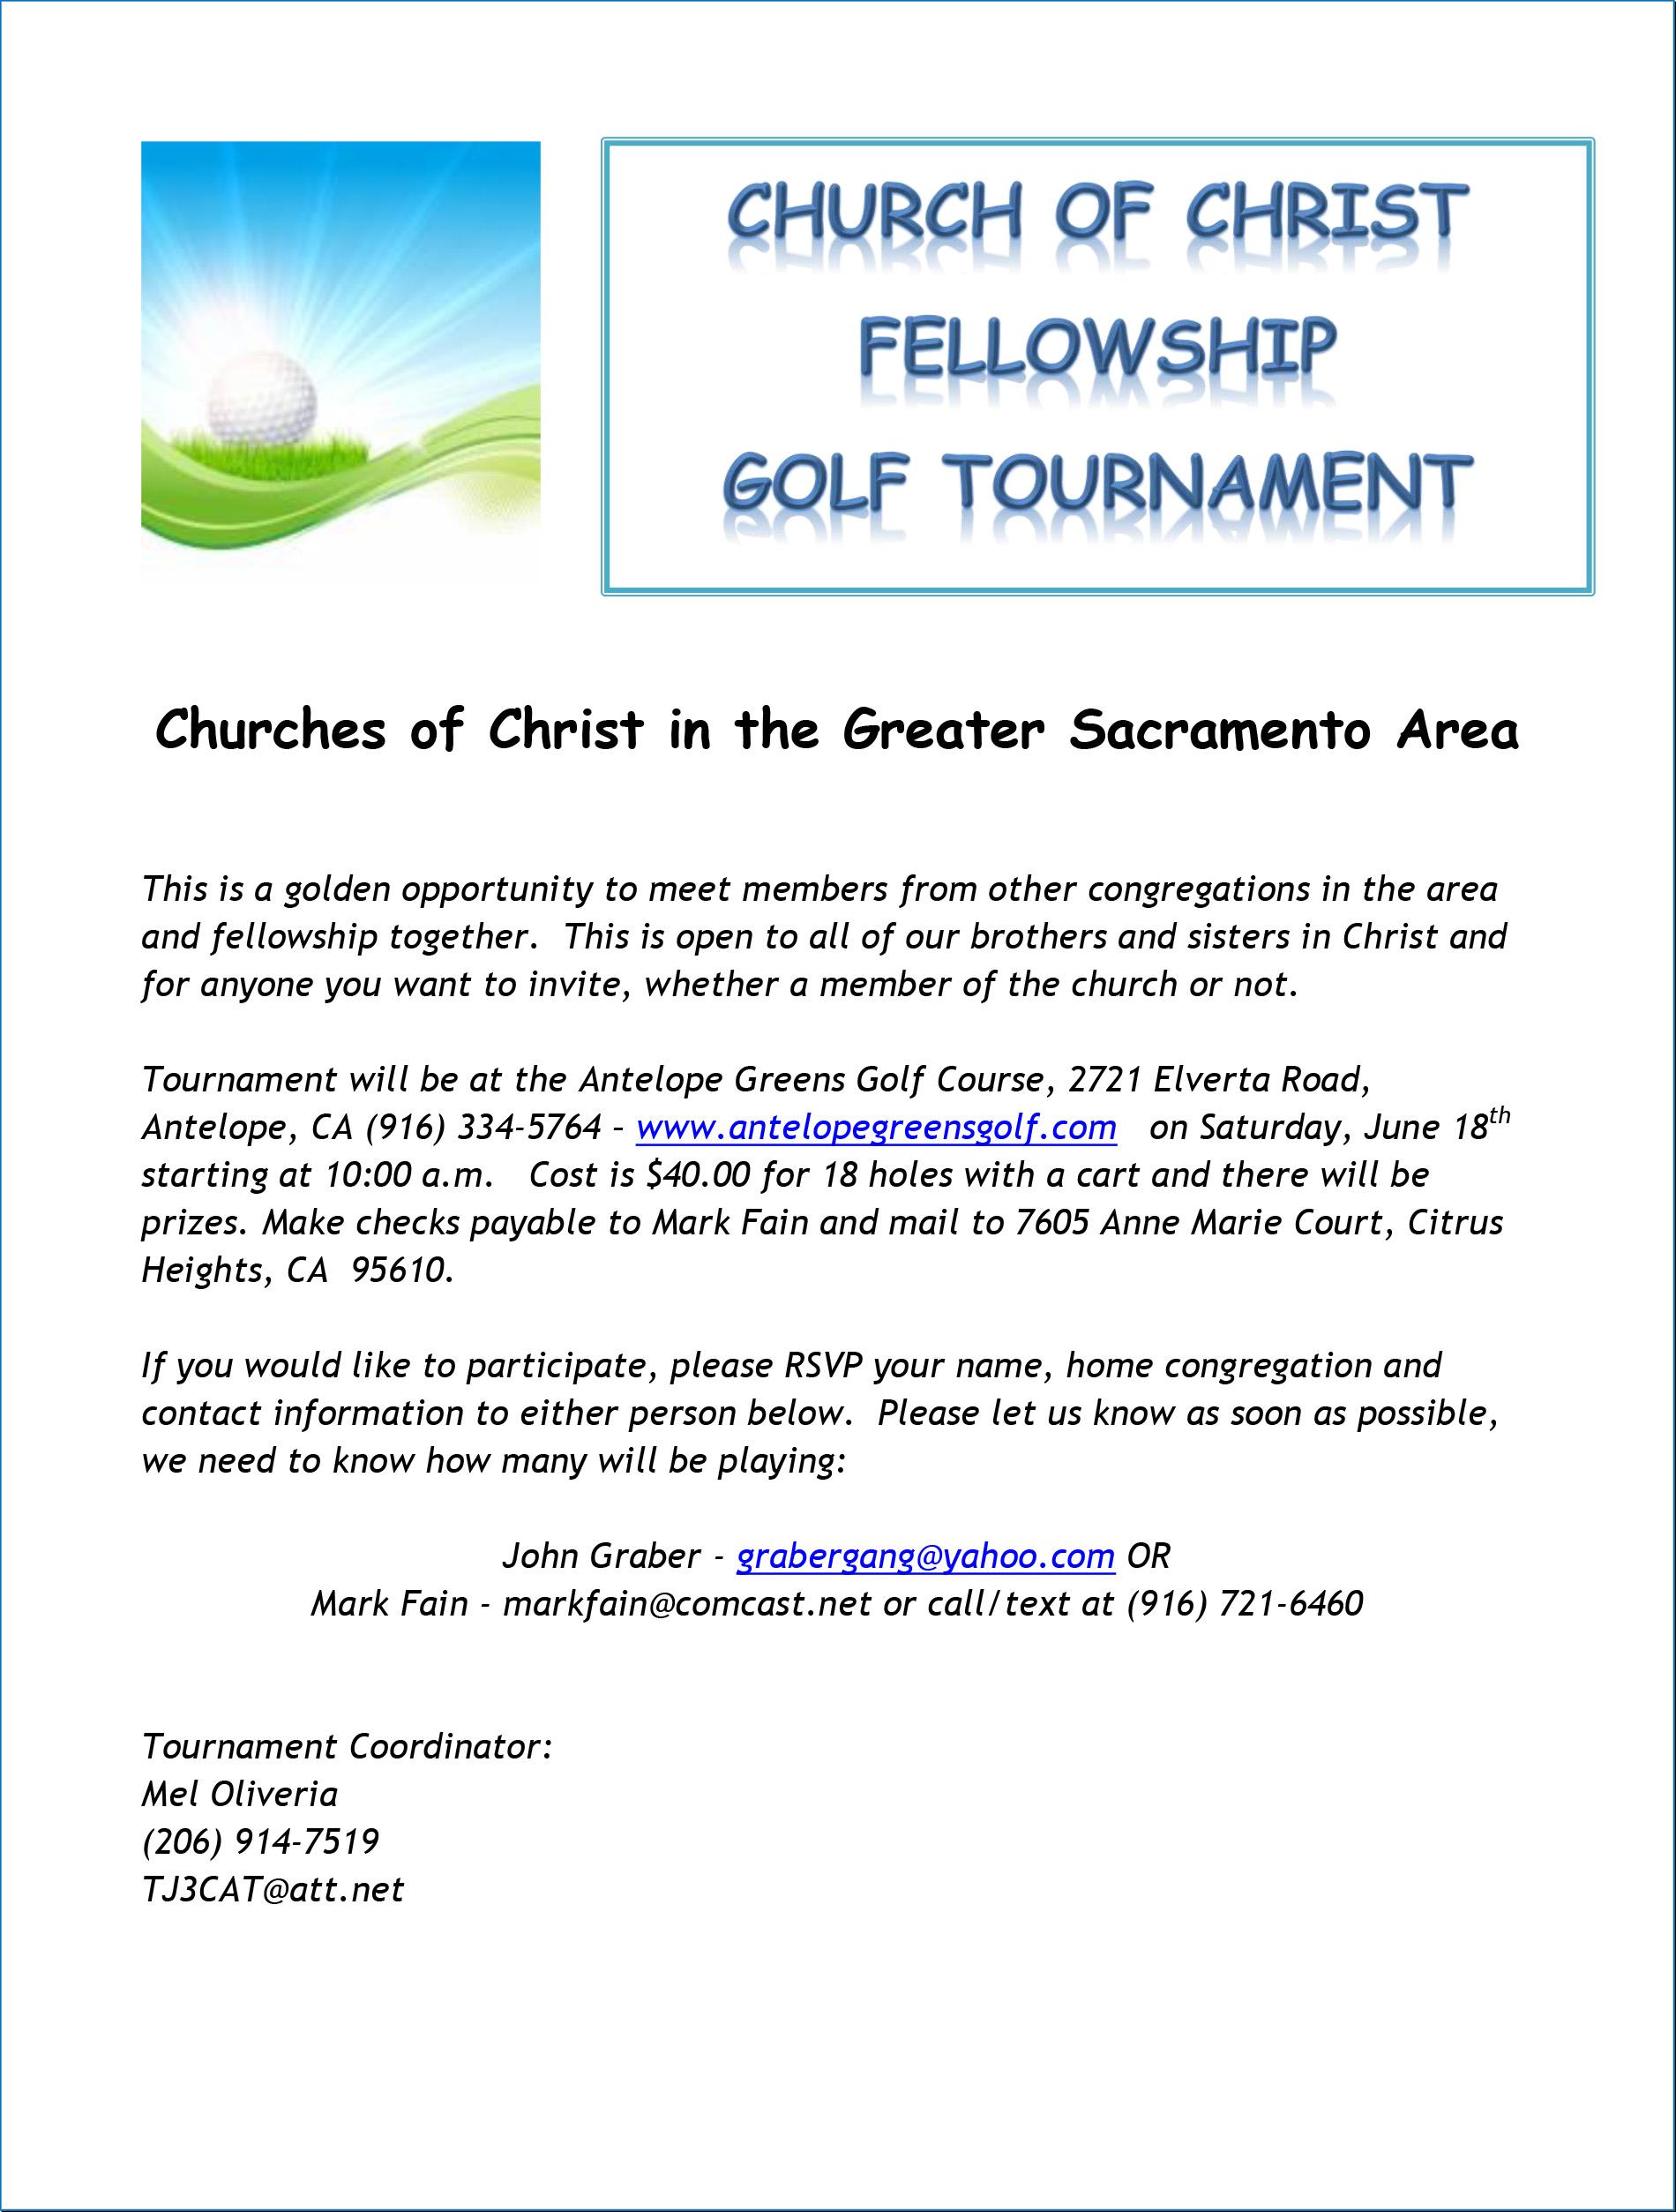 Church of Christ Fellowship Golf Tournament